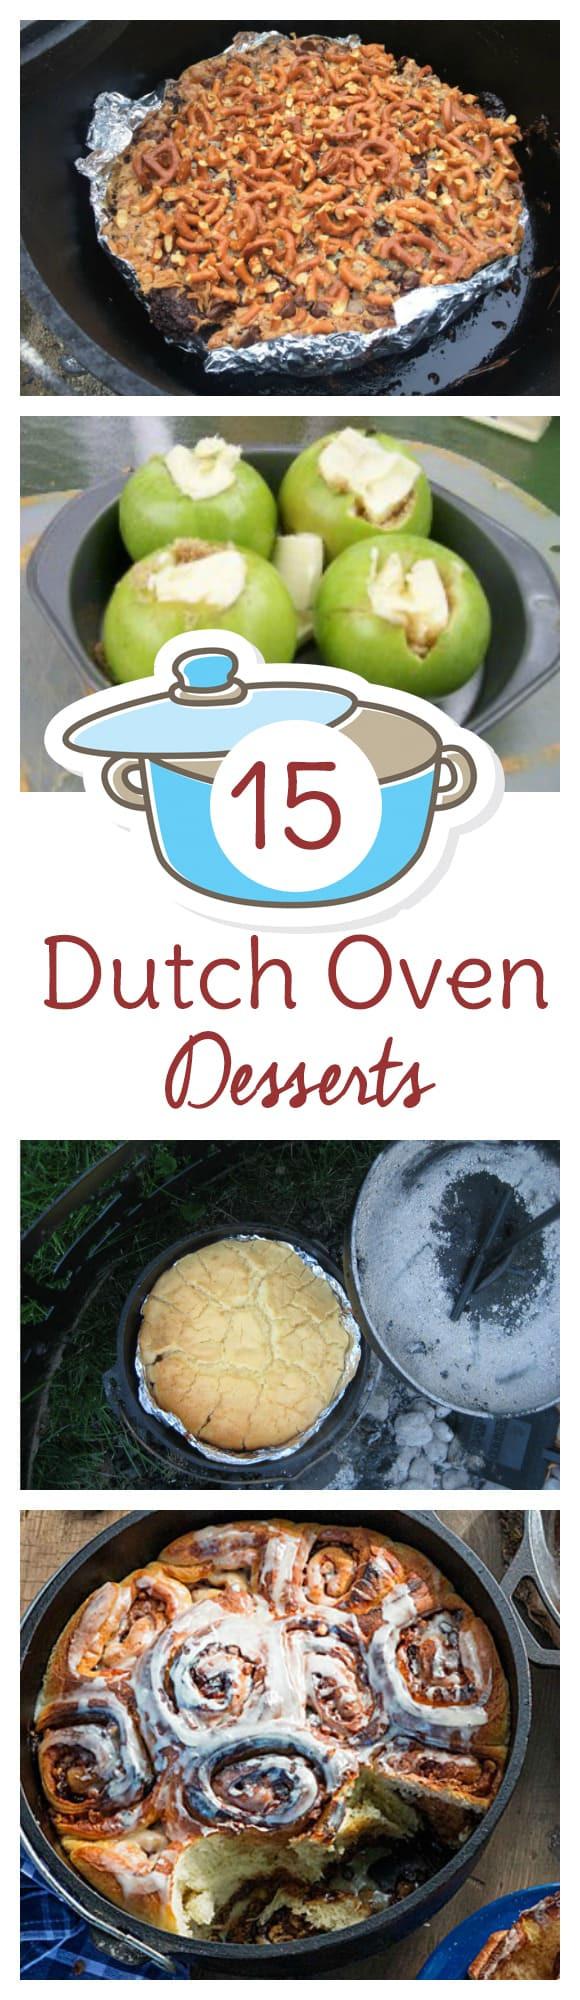 Dutch Oven Desserts Camping  15 Dutch Oven Dessert Recipes